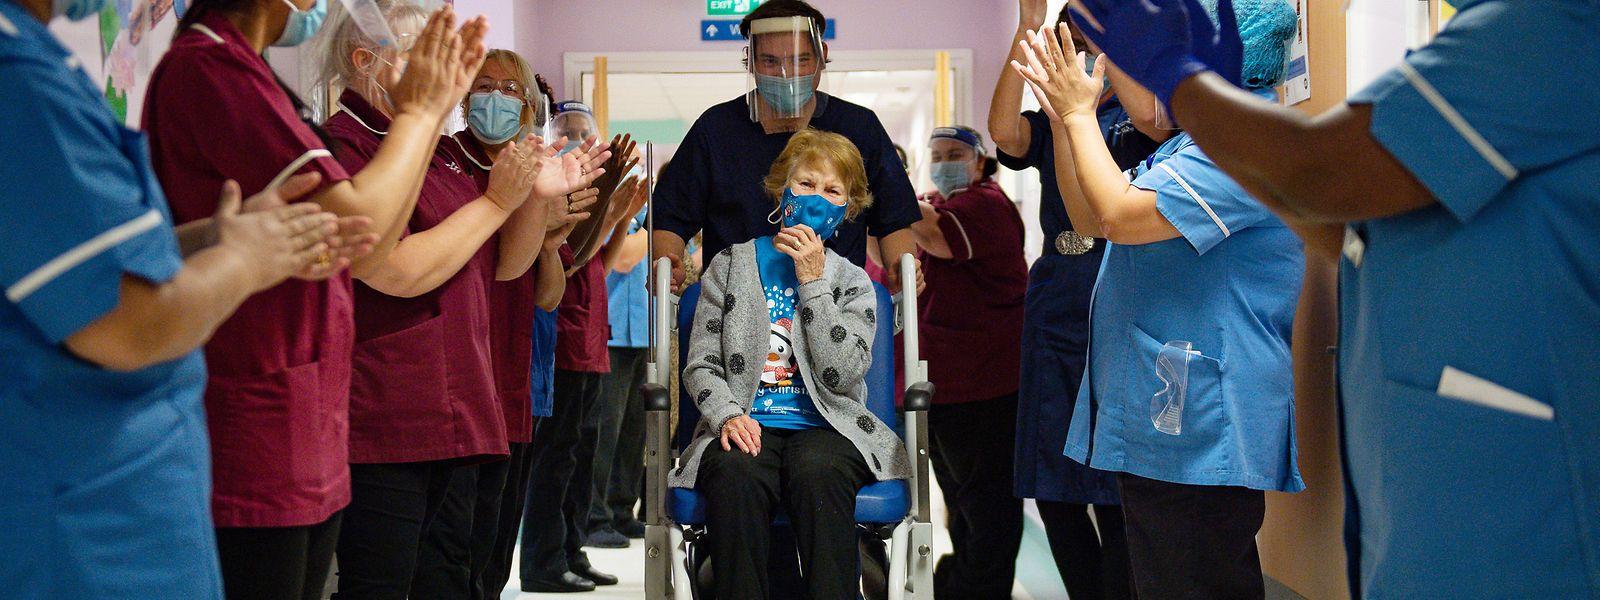 Die 90-jährige Margaret Keenan (M) wird im Universitätskrankenhaus Coventry von Mitarbeitern des Gesundheitswesens applaudiert, als sie auf ihre Station zurückkehrt, nachdem sie zu Beginn der Impfkampagne als erste Person im Vereinigten Königreich den Pfizer/BioNtech-Impfstoff gegen das neuartige Coronavirus erhalten hat.